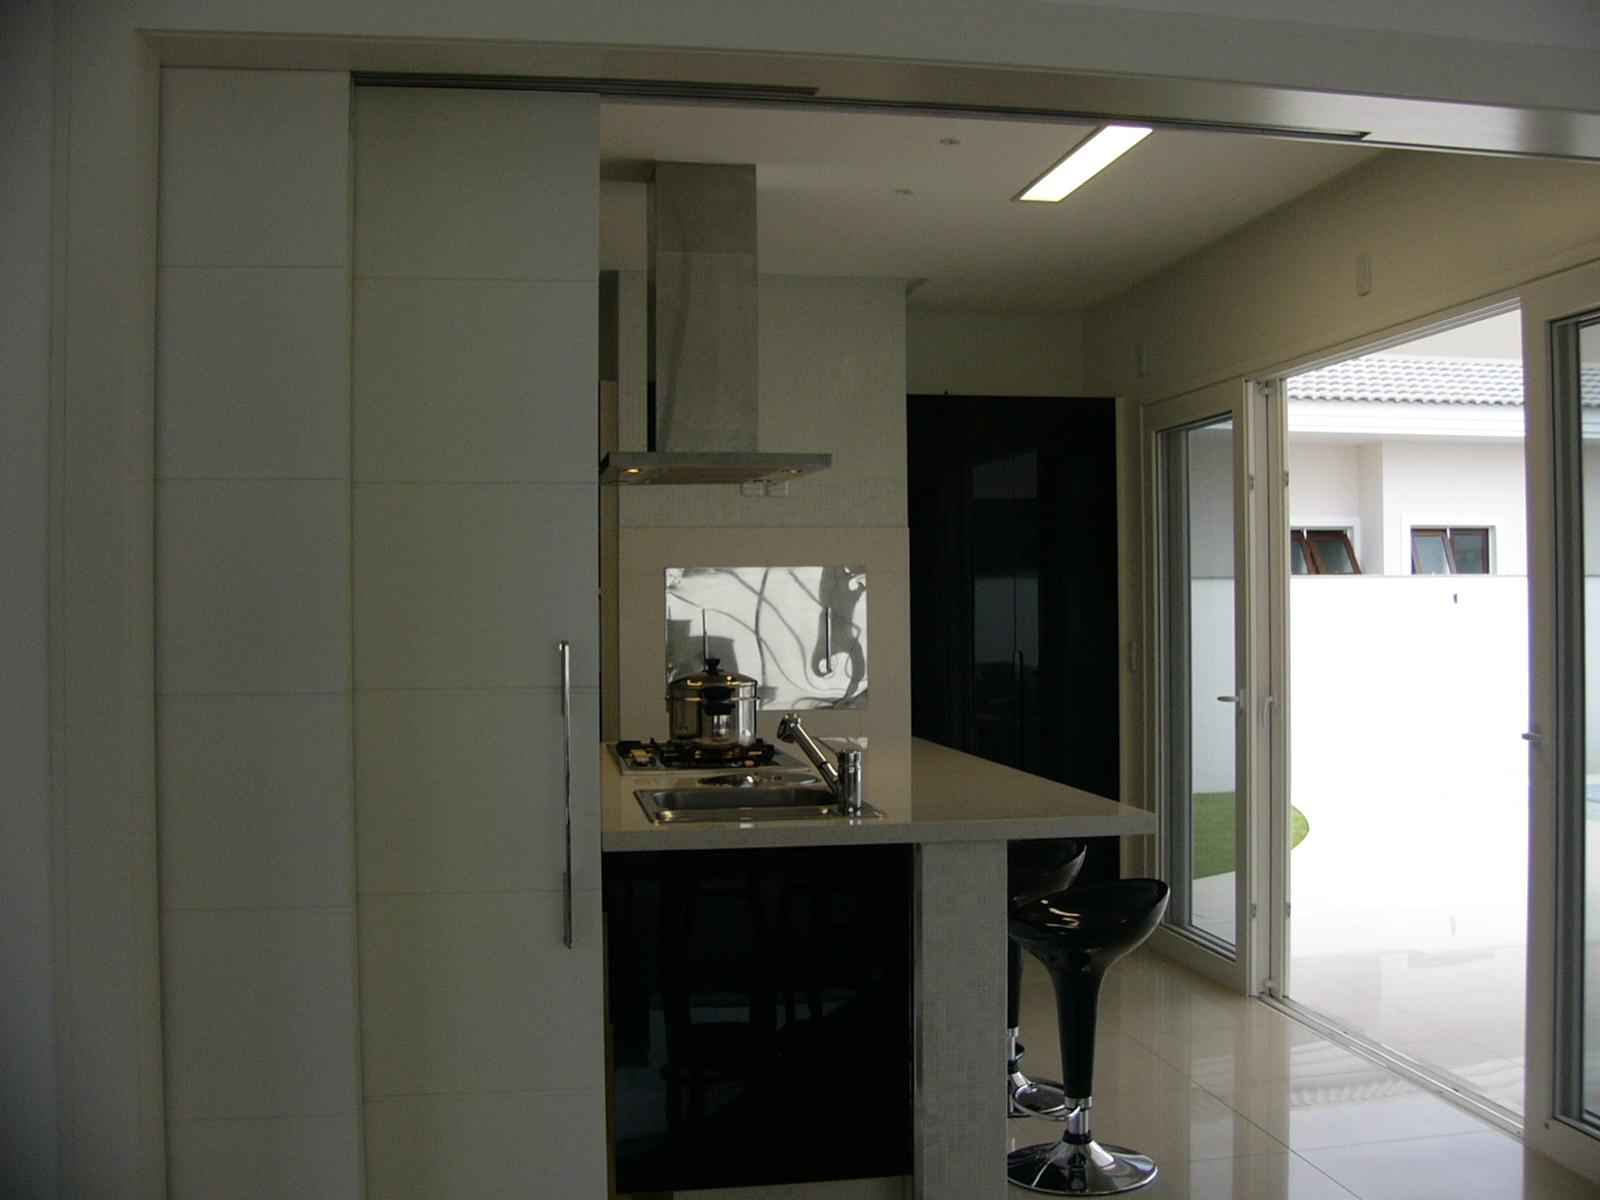 #575343 Nenhuma janela nesta cozinha . Invés disto uma ampla porta janela  220 Janelas De Vidro Para Cozinha